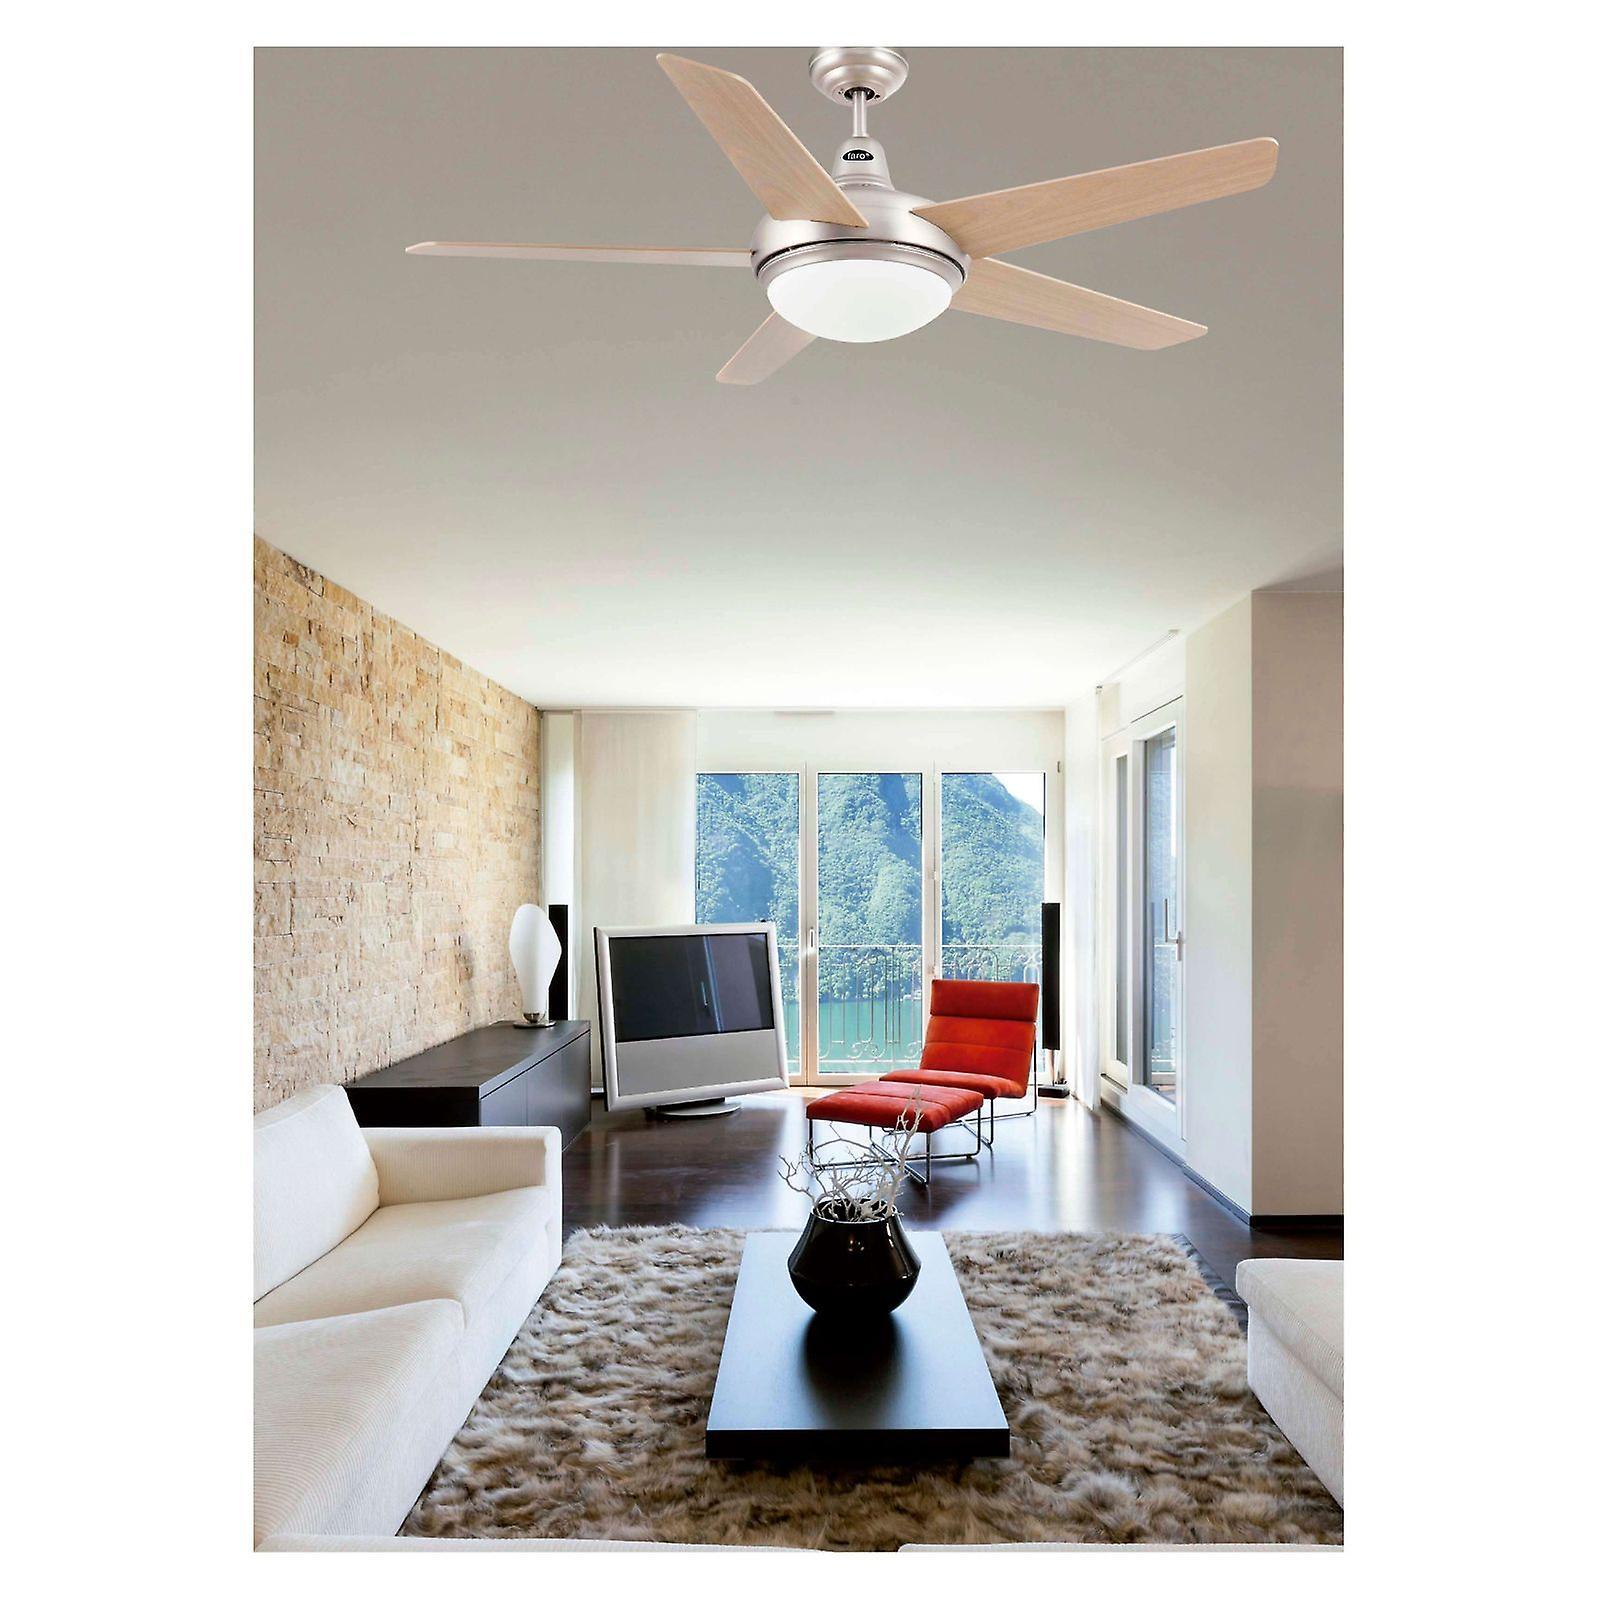 Ceiling fan Ovni Nickel 132cm / 52